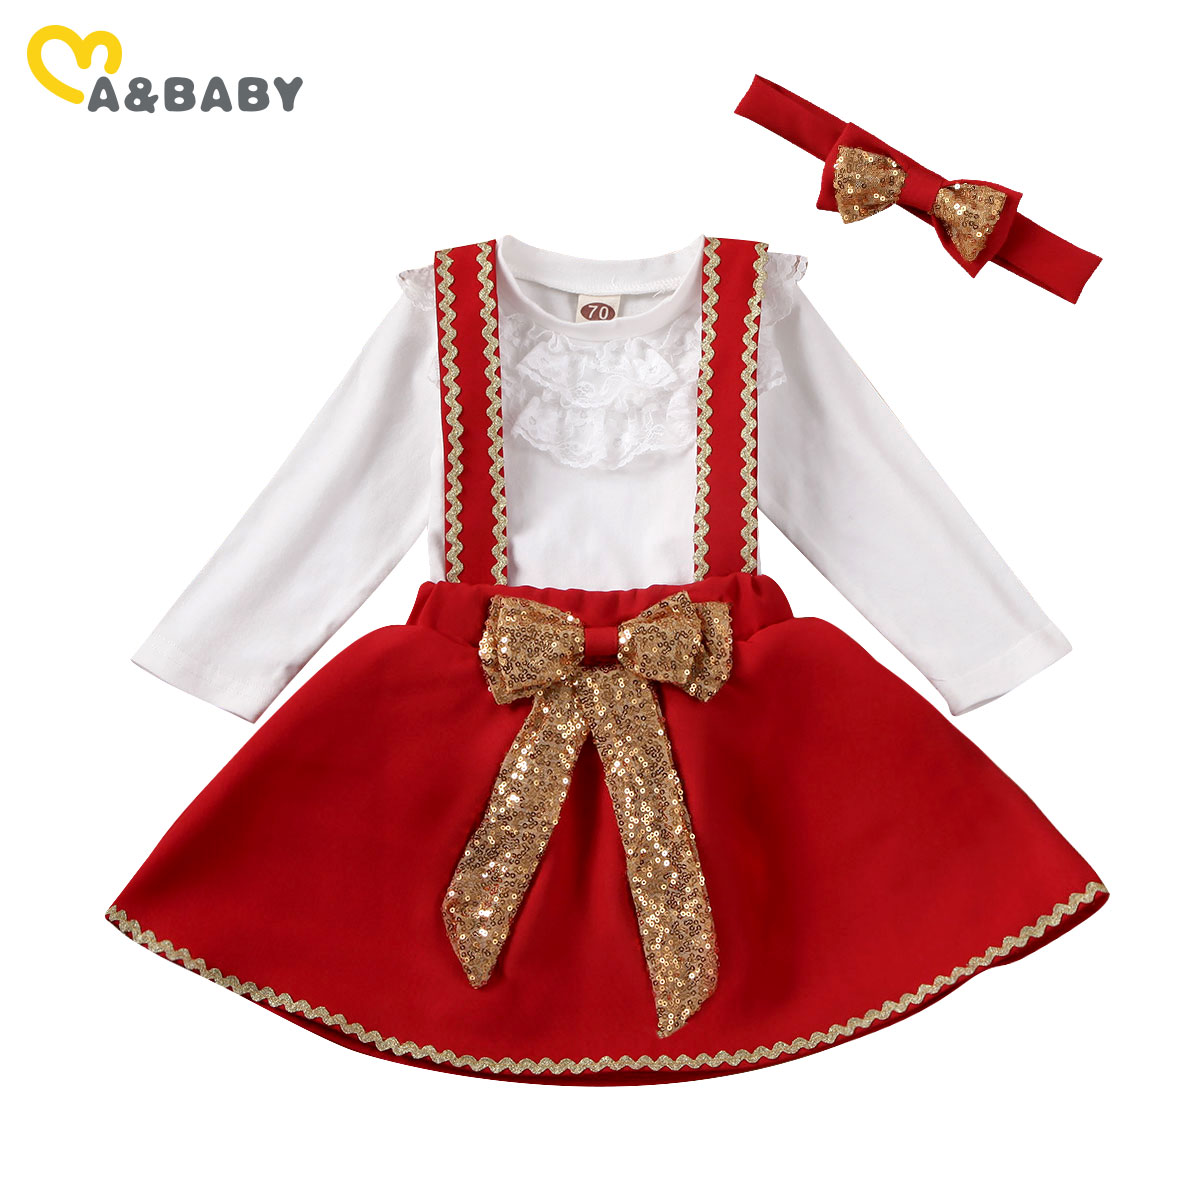 Conjunto de ropa de Navidad para bebés recién nacidos de 0 a 18M de Ma & Baby, conjunto de ropa roja de encaje con volantes, Mono Blanco, faldas con lazo de lentejuelas, trajes de fiesta de navidad Mono sin mangas para niño recién nacido, sin mangas, con motivos florales, ropa para niña bebé